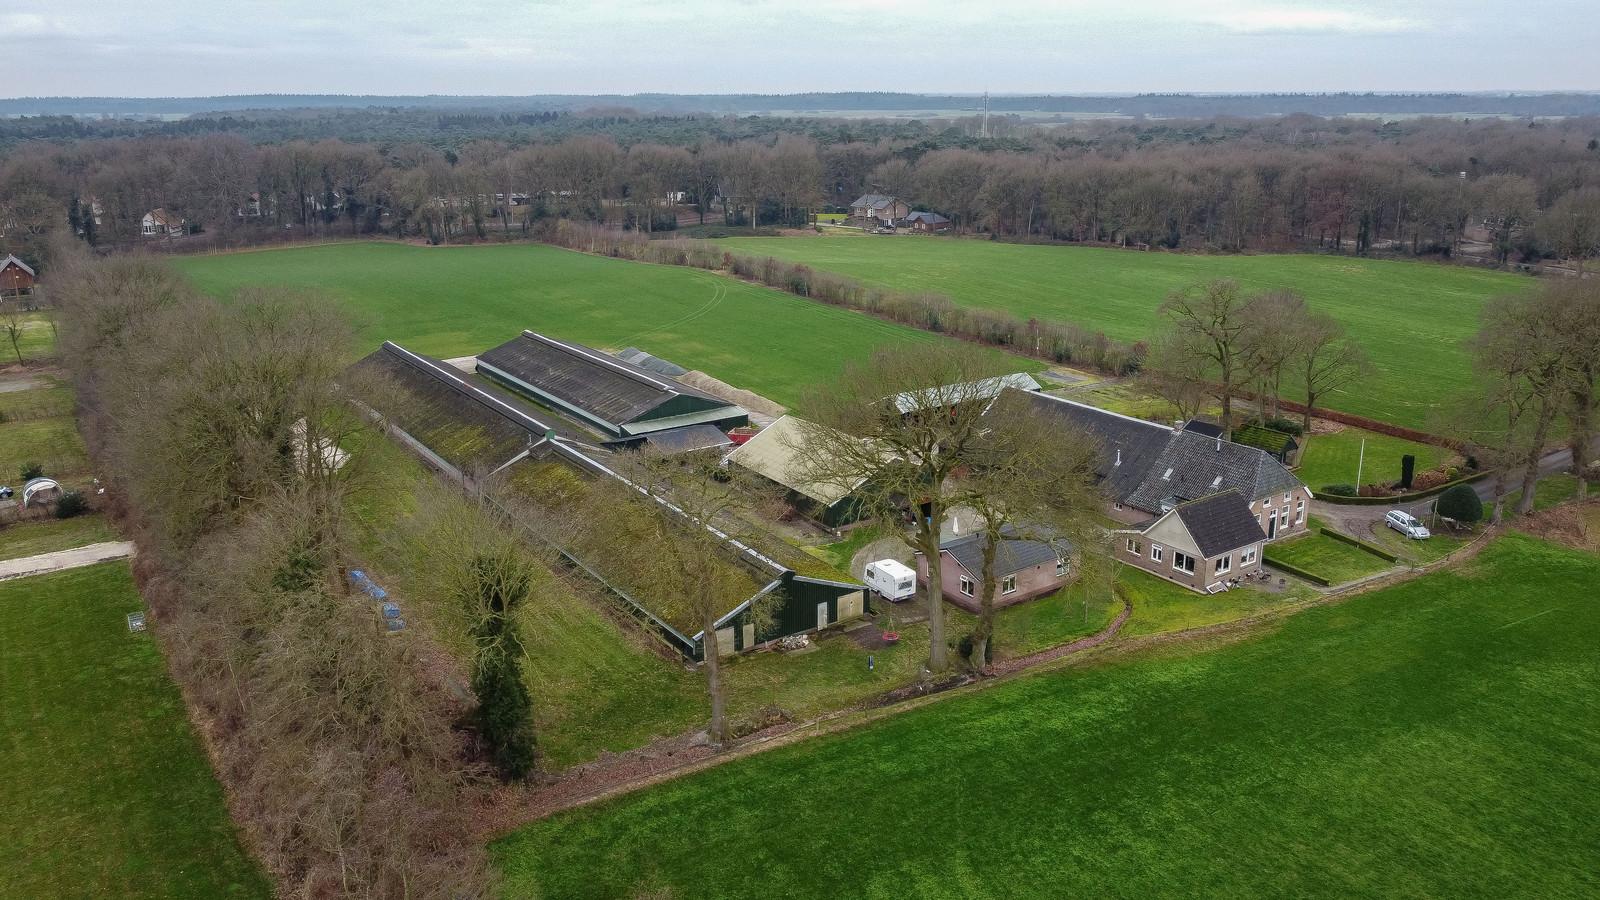 Woningbouw op de plek van dit pluimveebedrijf in IJhorst kan, wat de Raad van State betreft, doorgaan. Later dit jaar volgt nog wel een bodemzaak.